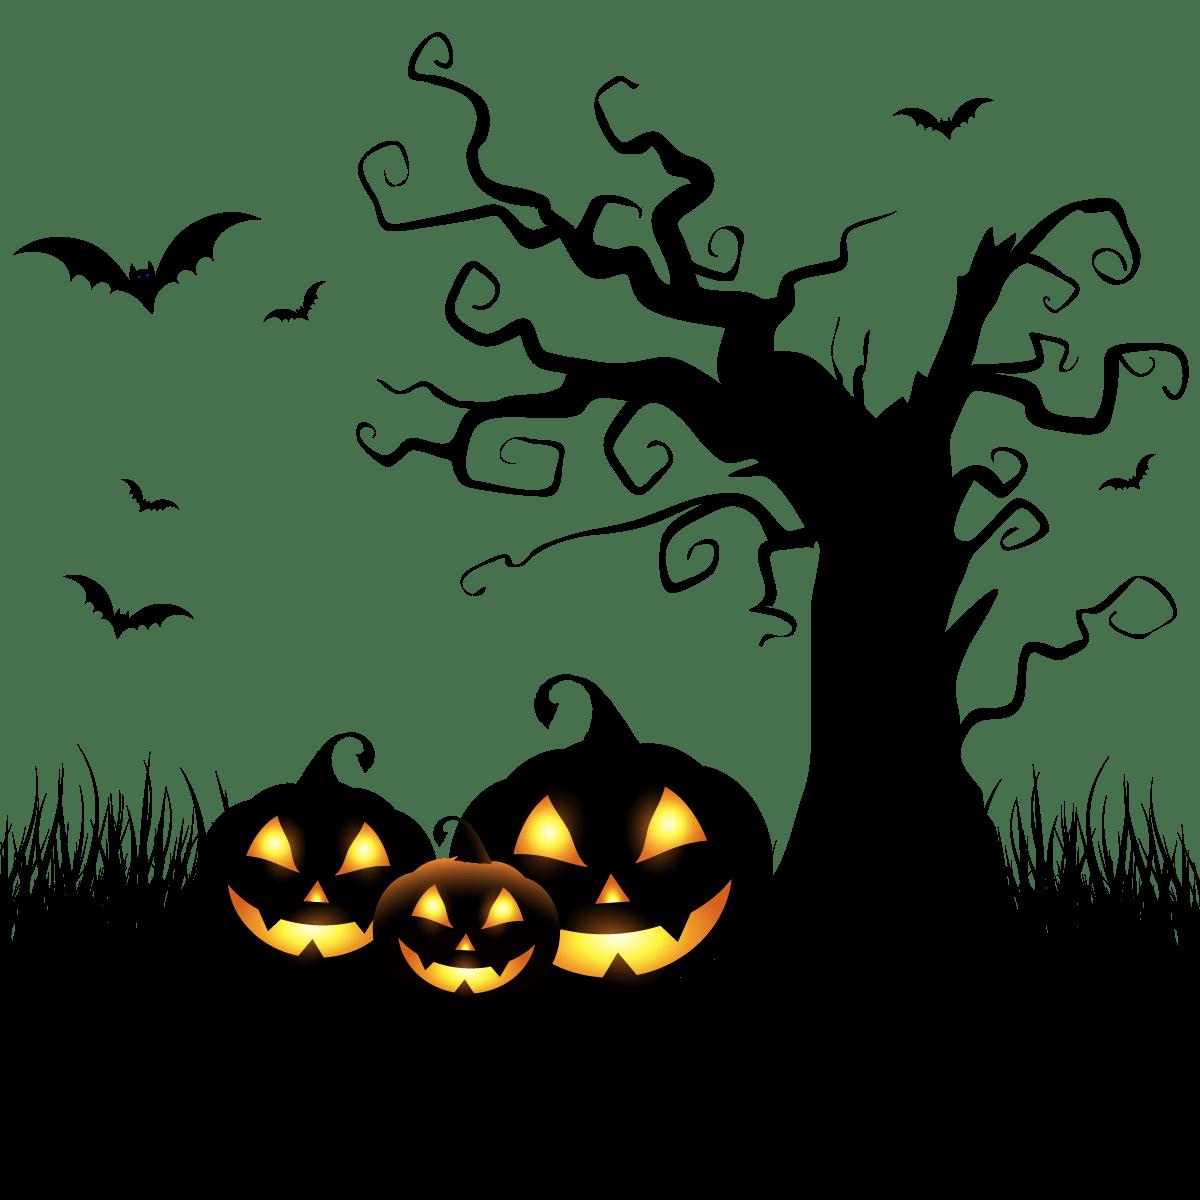 Halloween Spooktacular Costume party Clip art - Vector ... (1200 x 1200 Pixel)